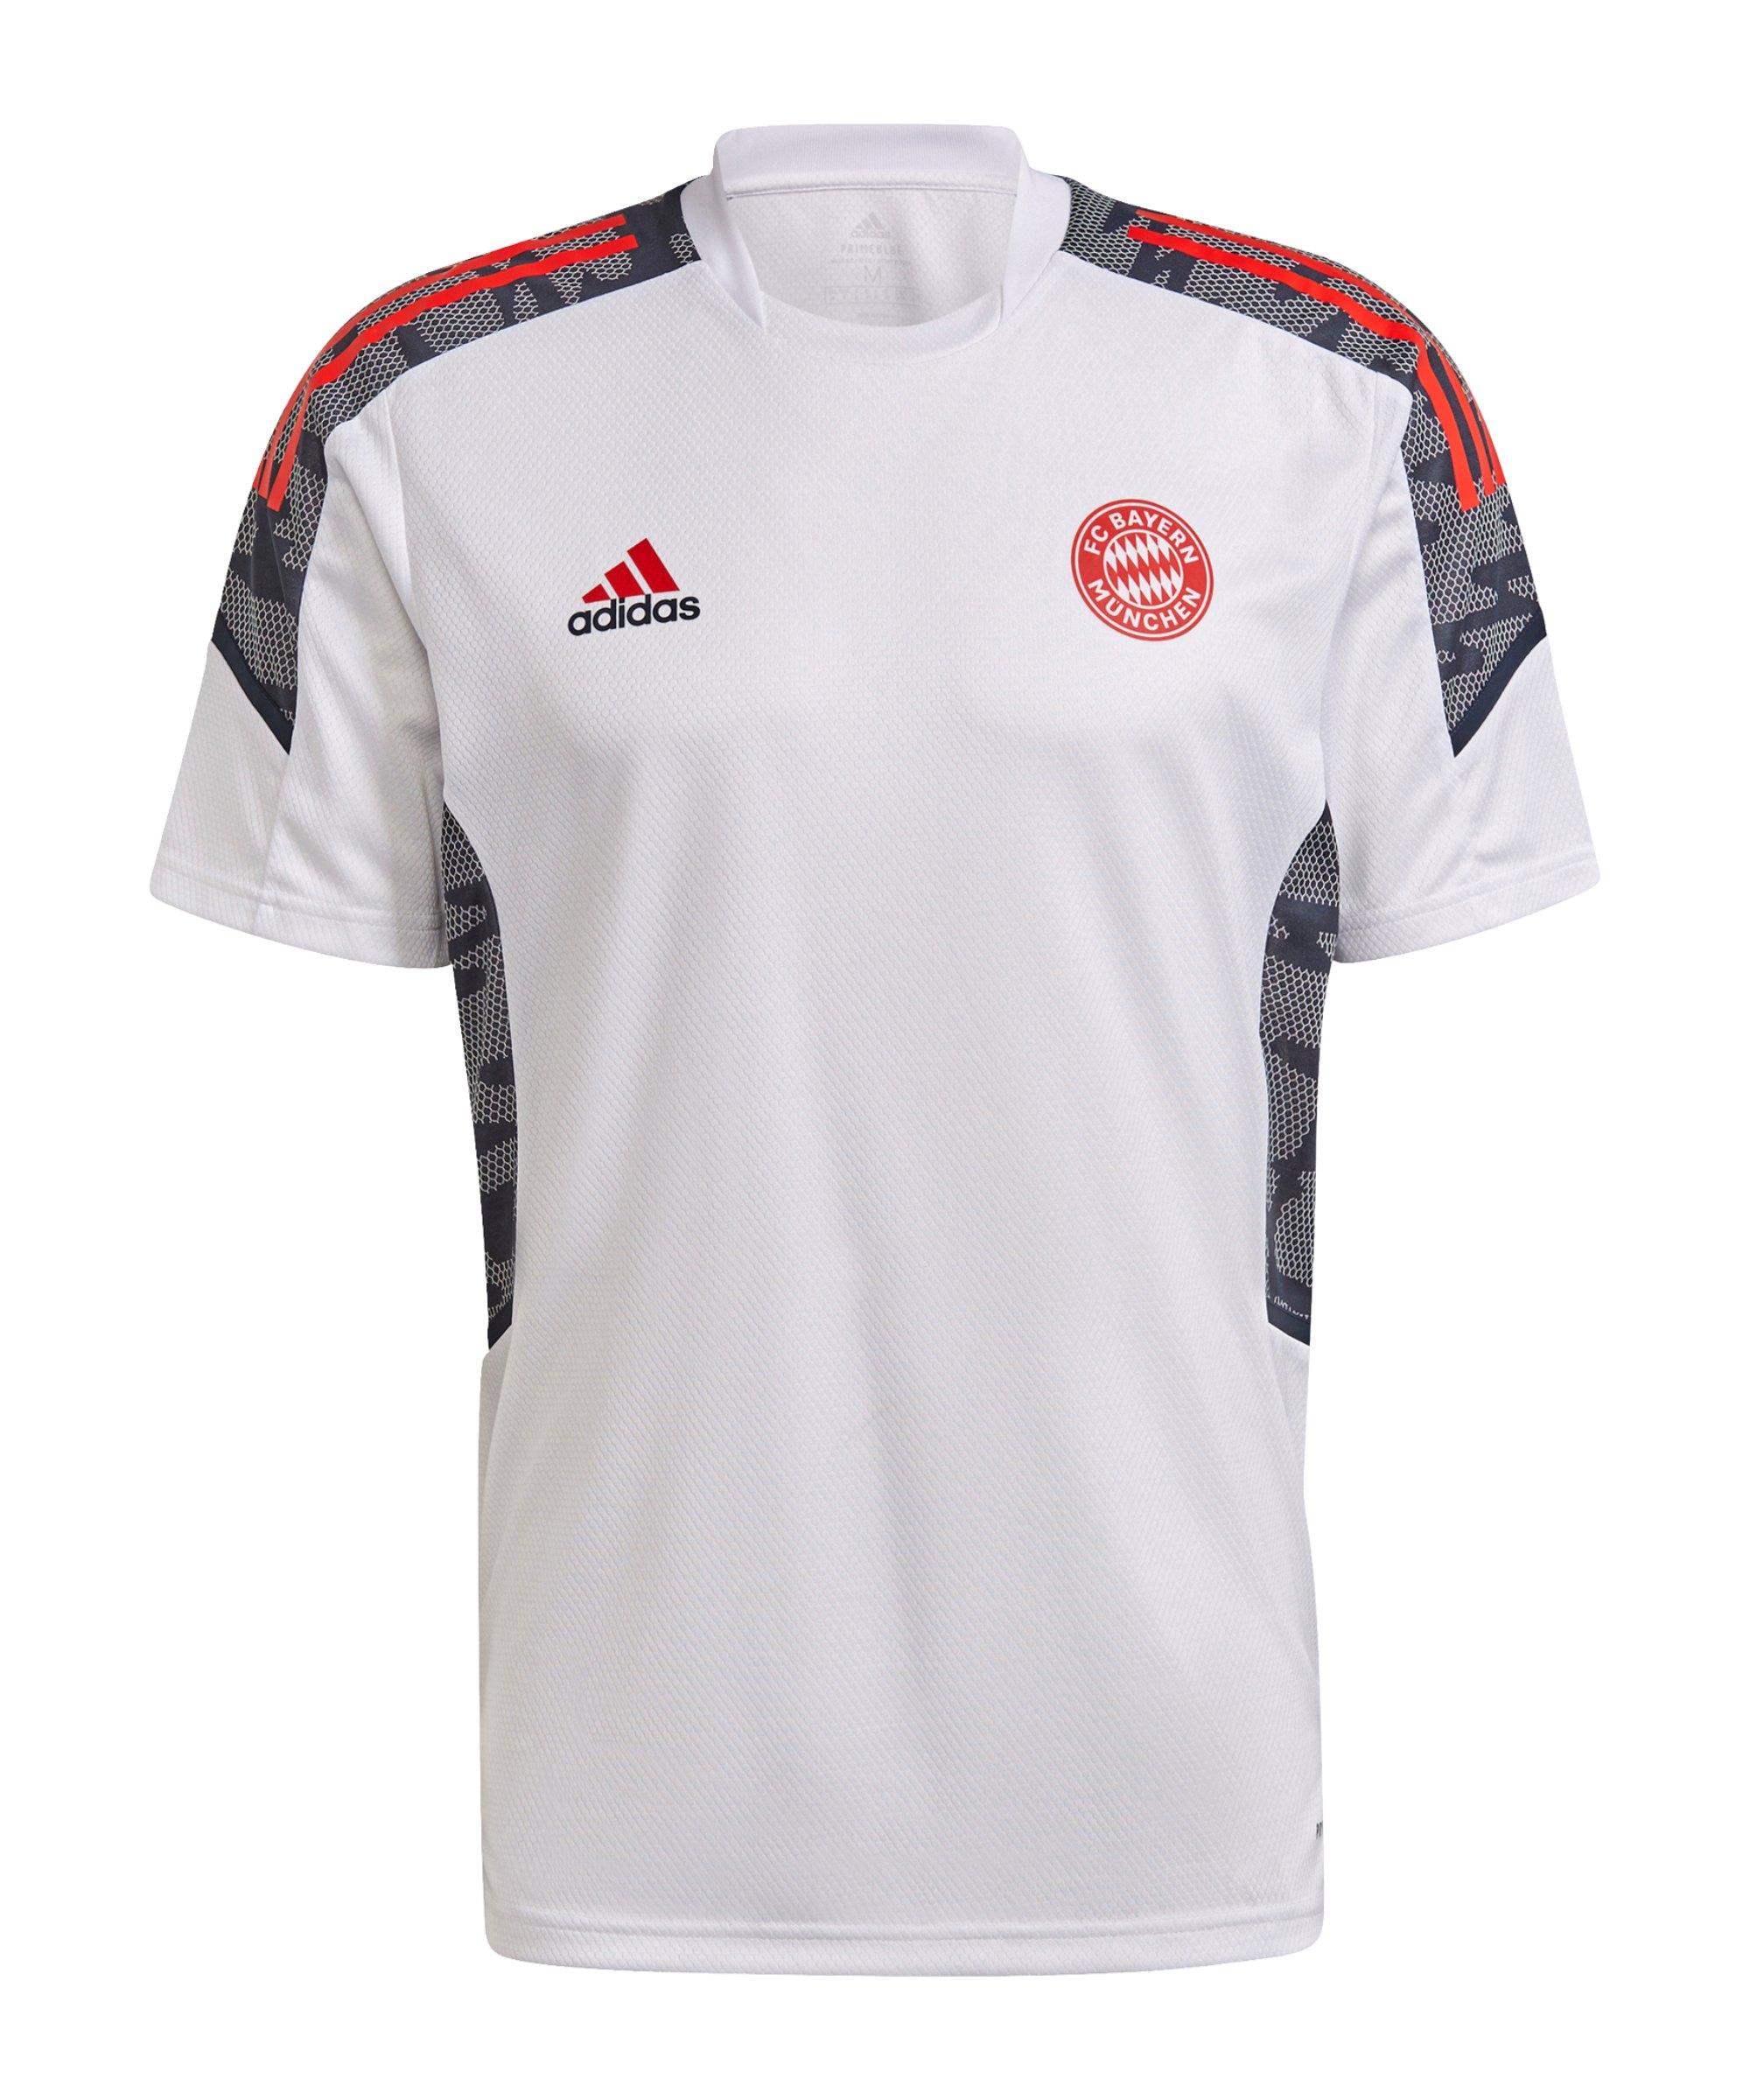 adidas FC Bayern München Trainingsshirt Weiss - weiss